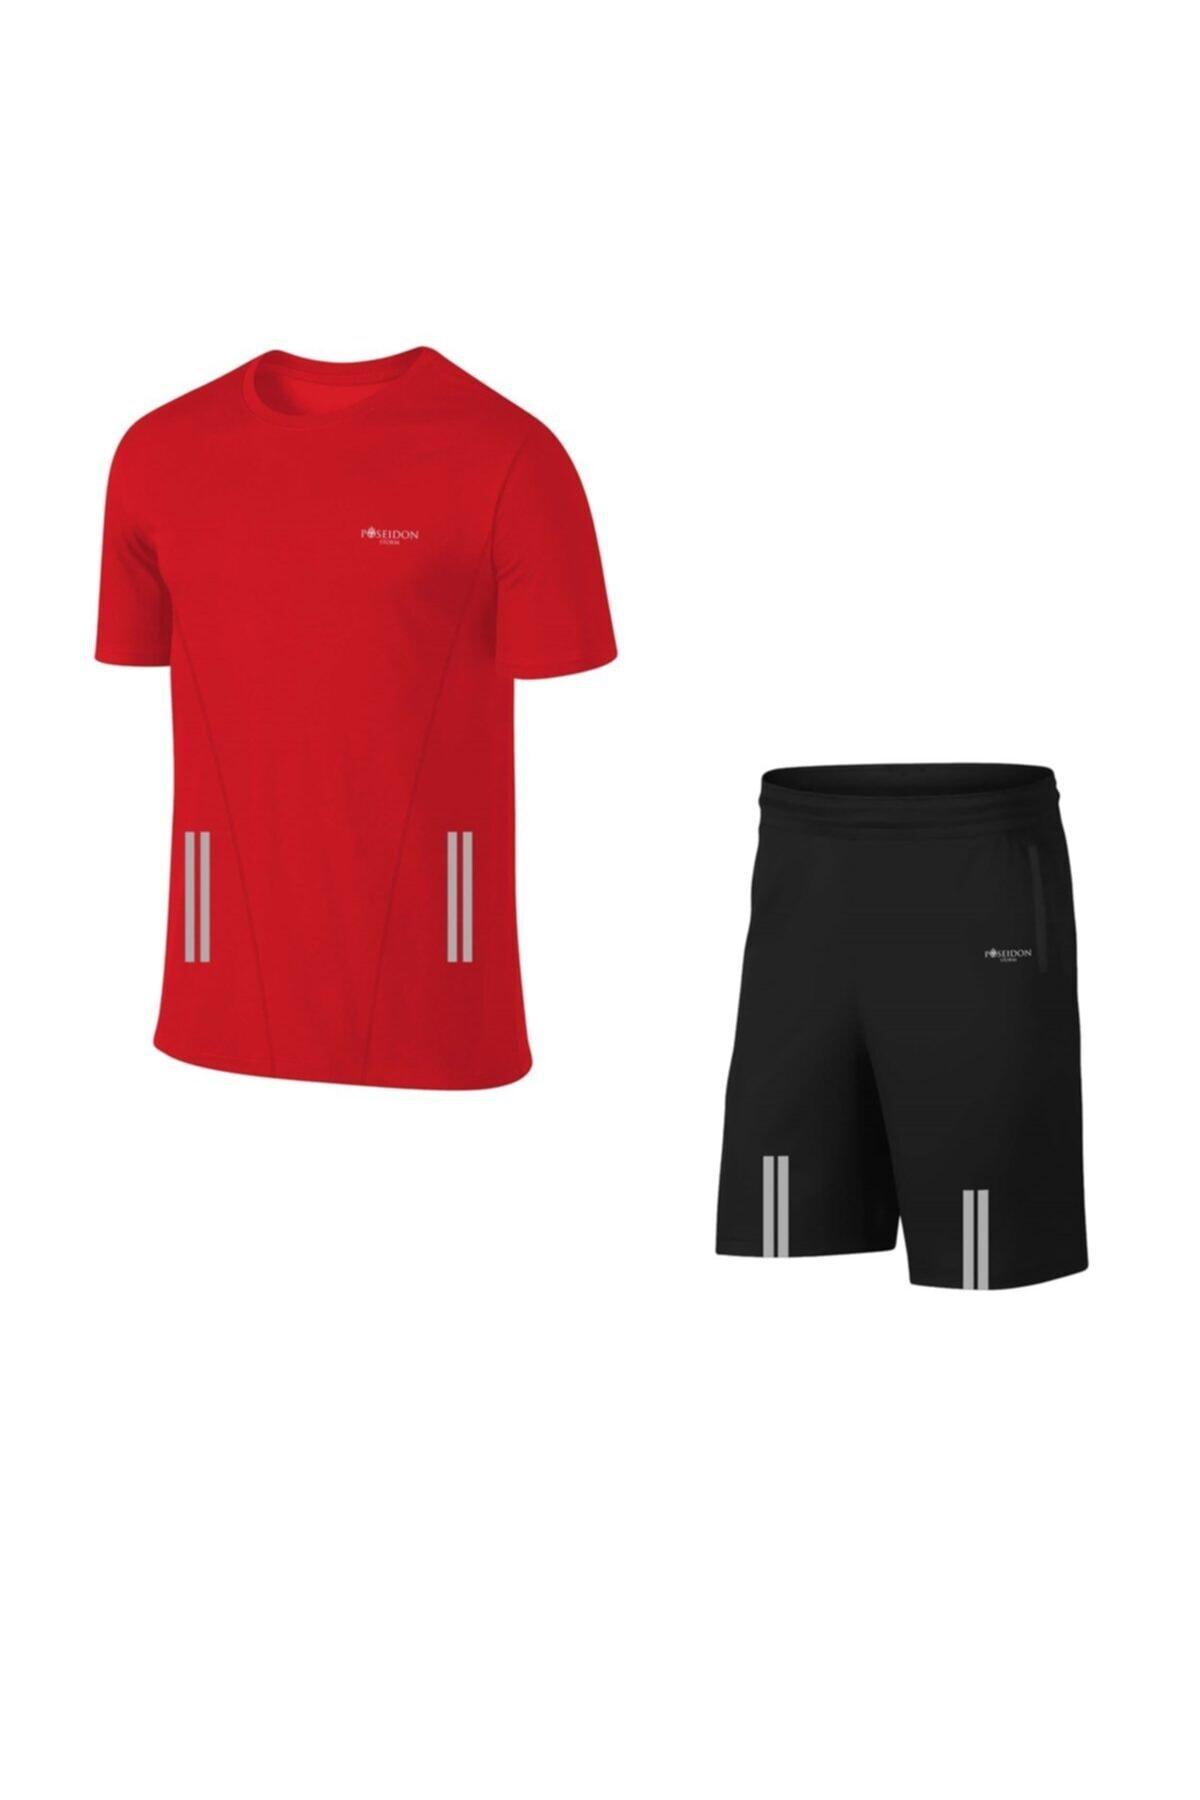 Erkek Kırmızı Büyük Beden Günlük Sporcu Tişört Ve Şort Takımı